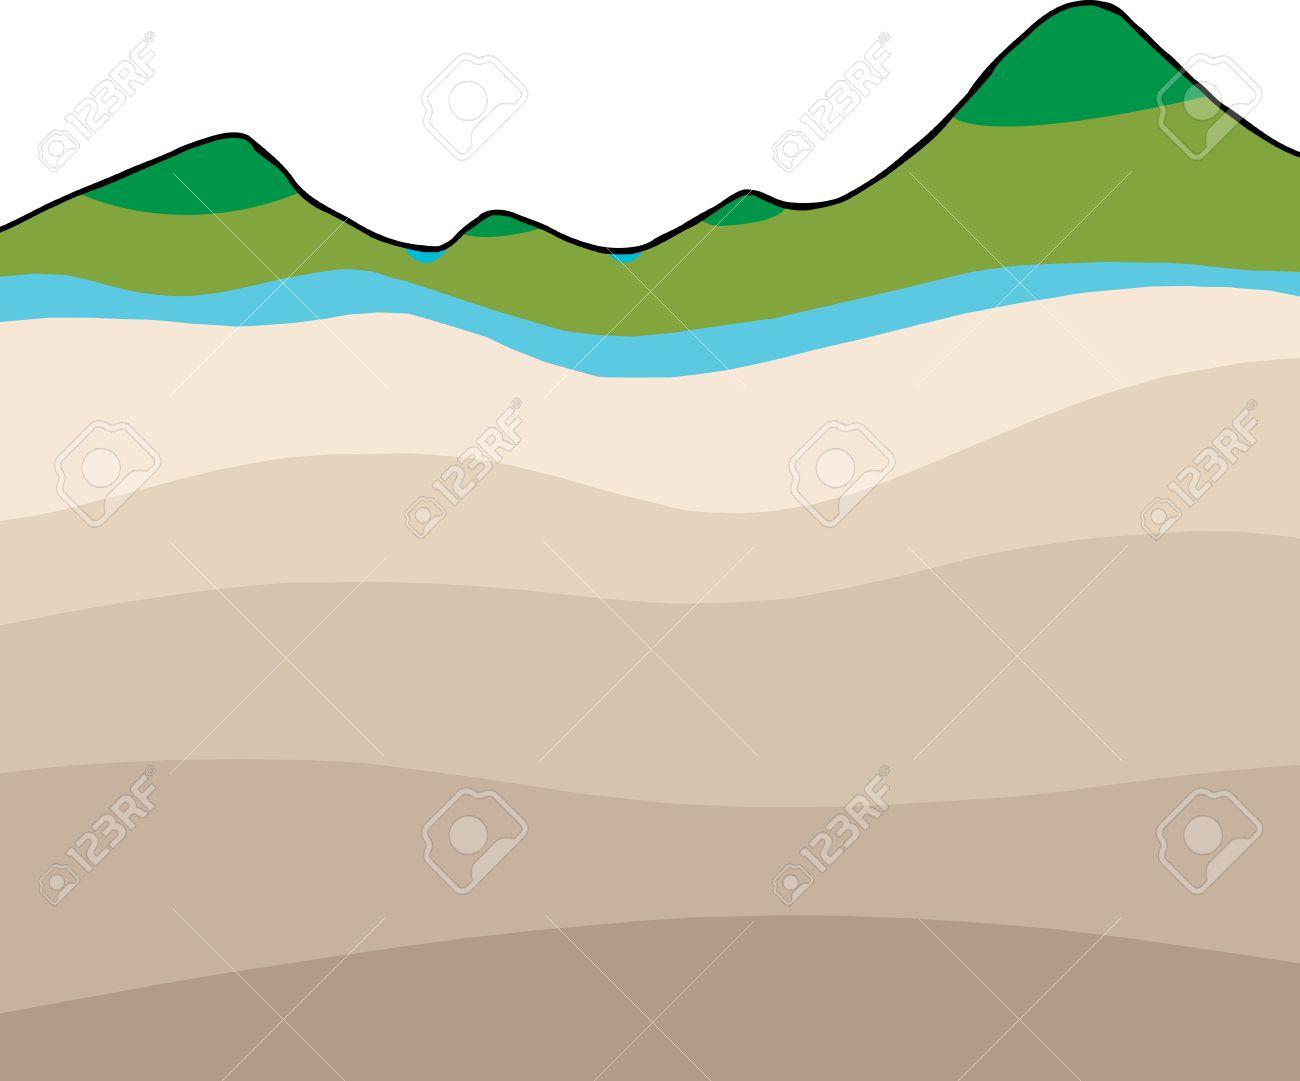 Freático Resumen Sección Transversal Paisaje Gráfico Ilustraciones ...